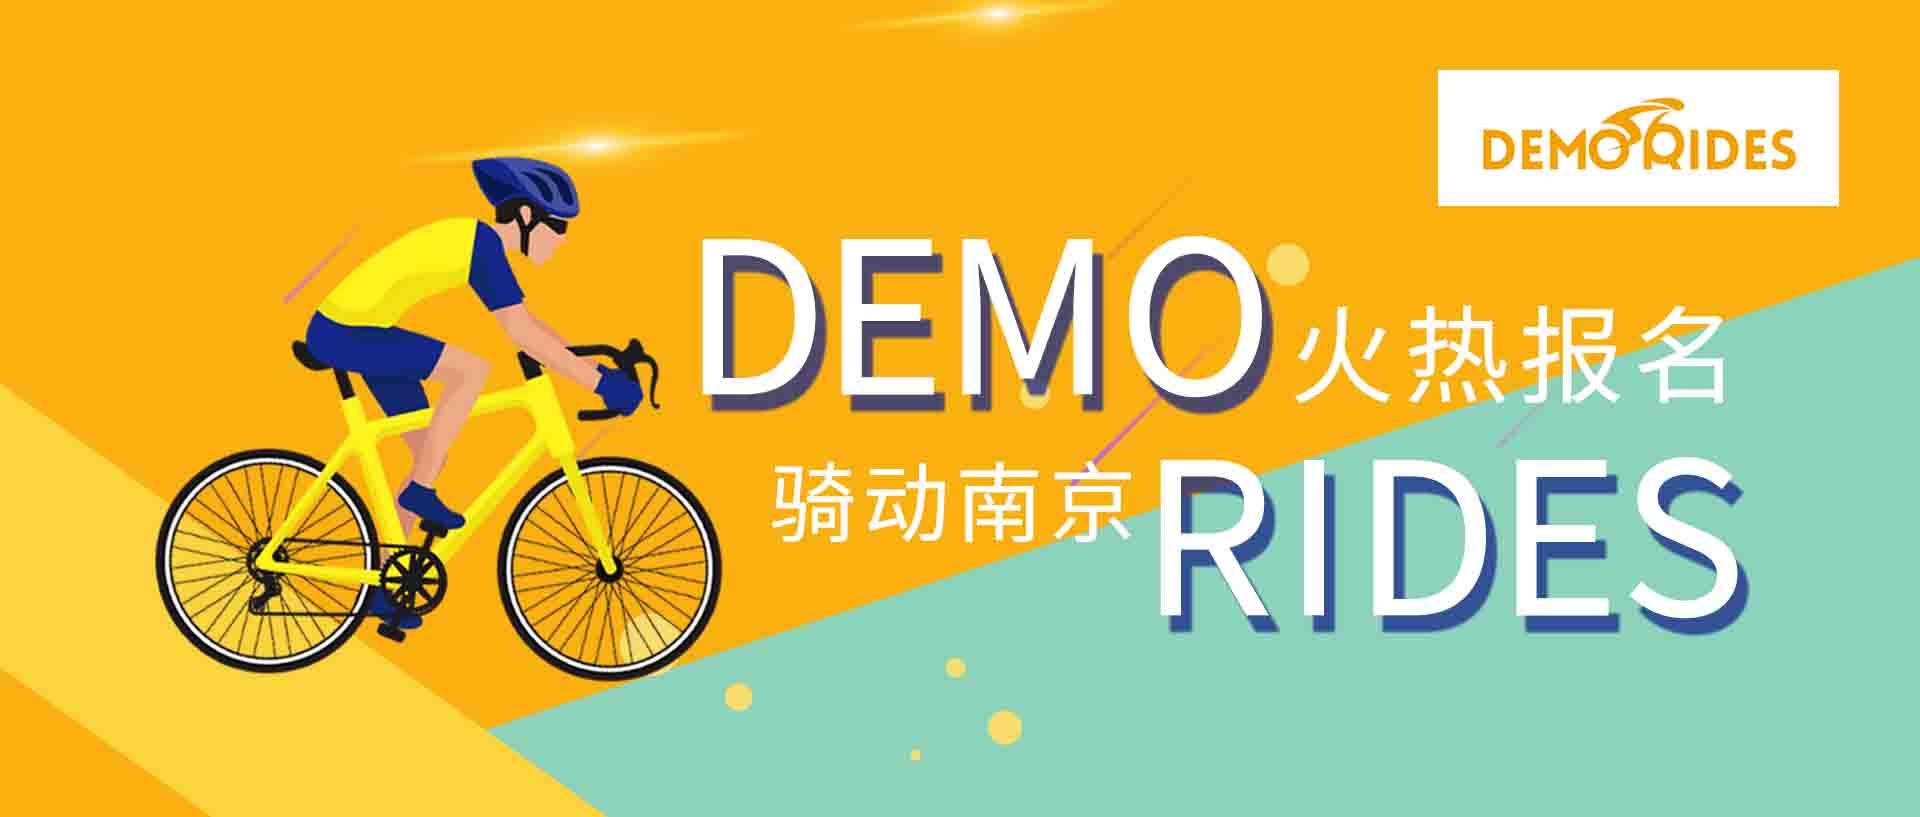 報名 | 十萬元豪華自行車搶先騎, 亞太戶外展Demo Rides帶你騎動南京濱江 ...